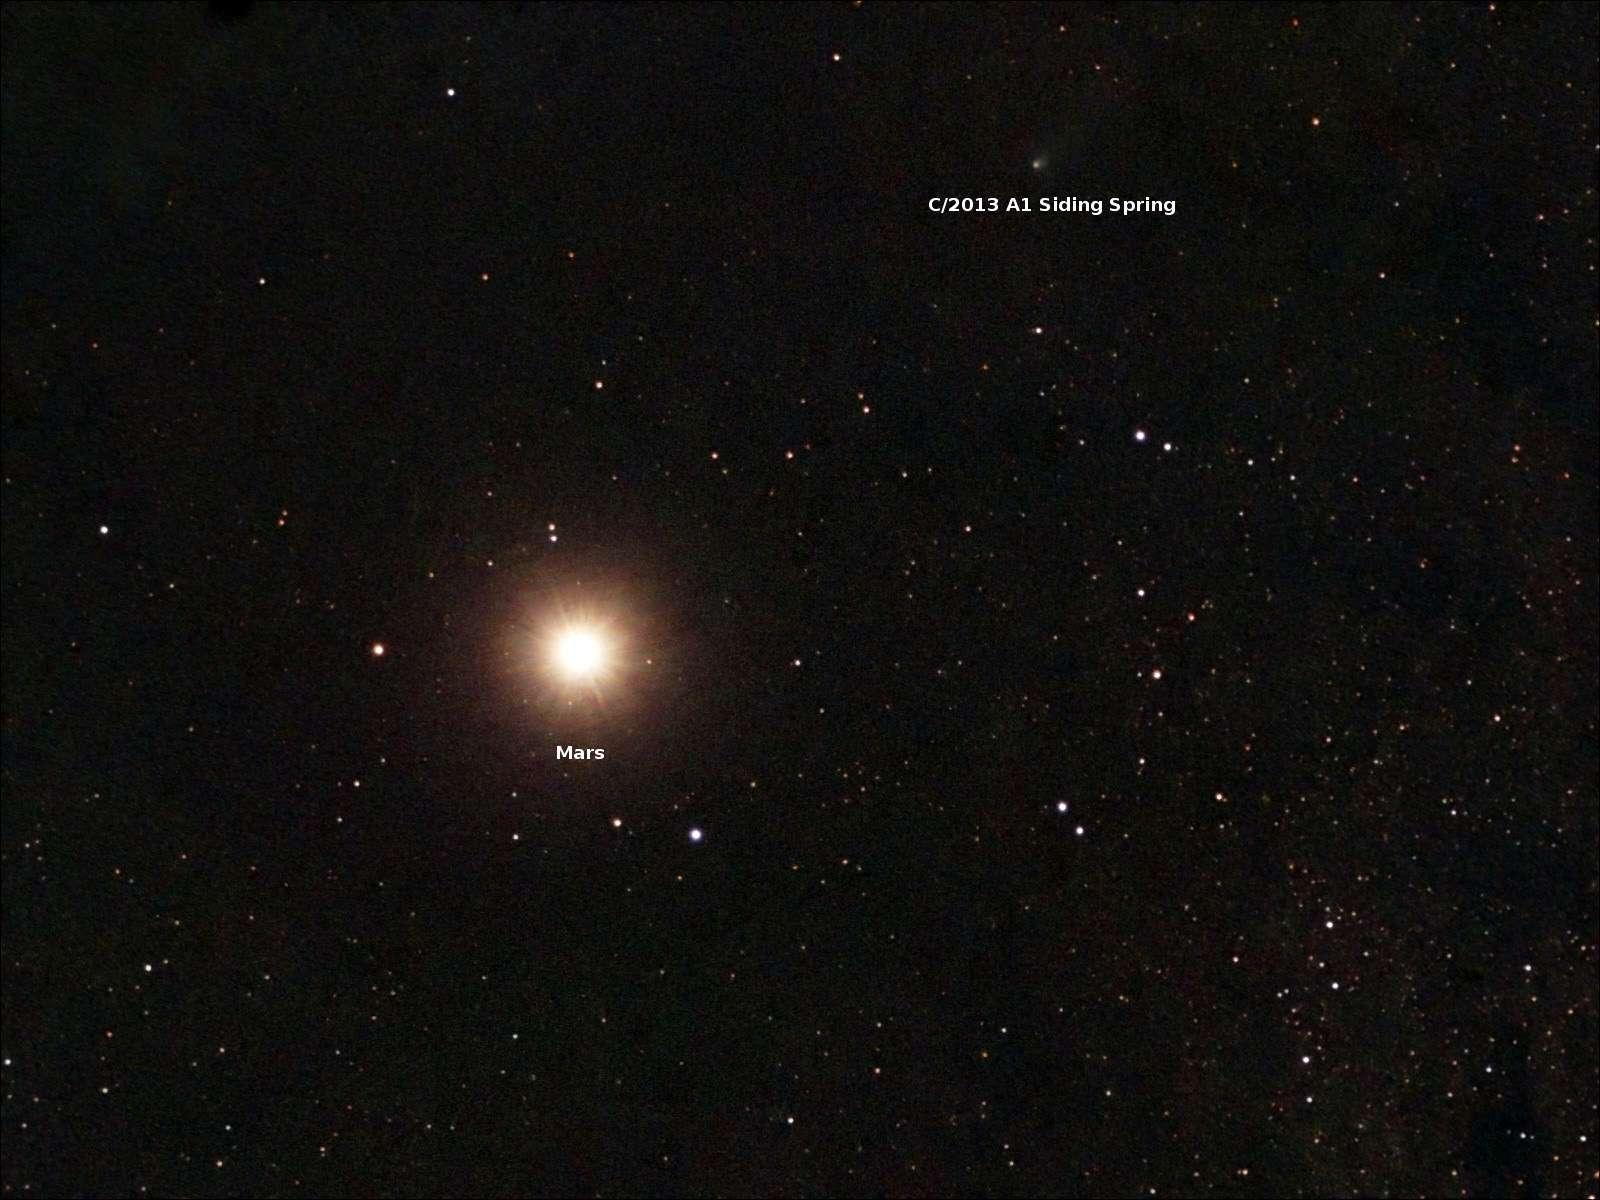 La Agencia Espacial Europea publicó una foto cometa C/2013 A1, mejor conocido como Siding Spring, que el tercer domingo de octubre de 2014 se aproximó a Marte a una distancia de apenas 139,500 kilómetros. Foto: Scott Ferguson/ESA